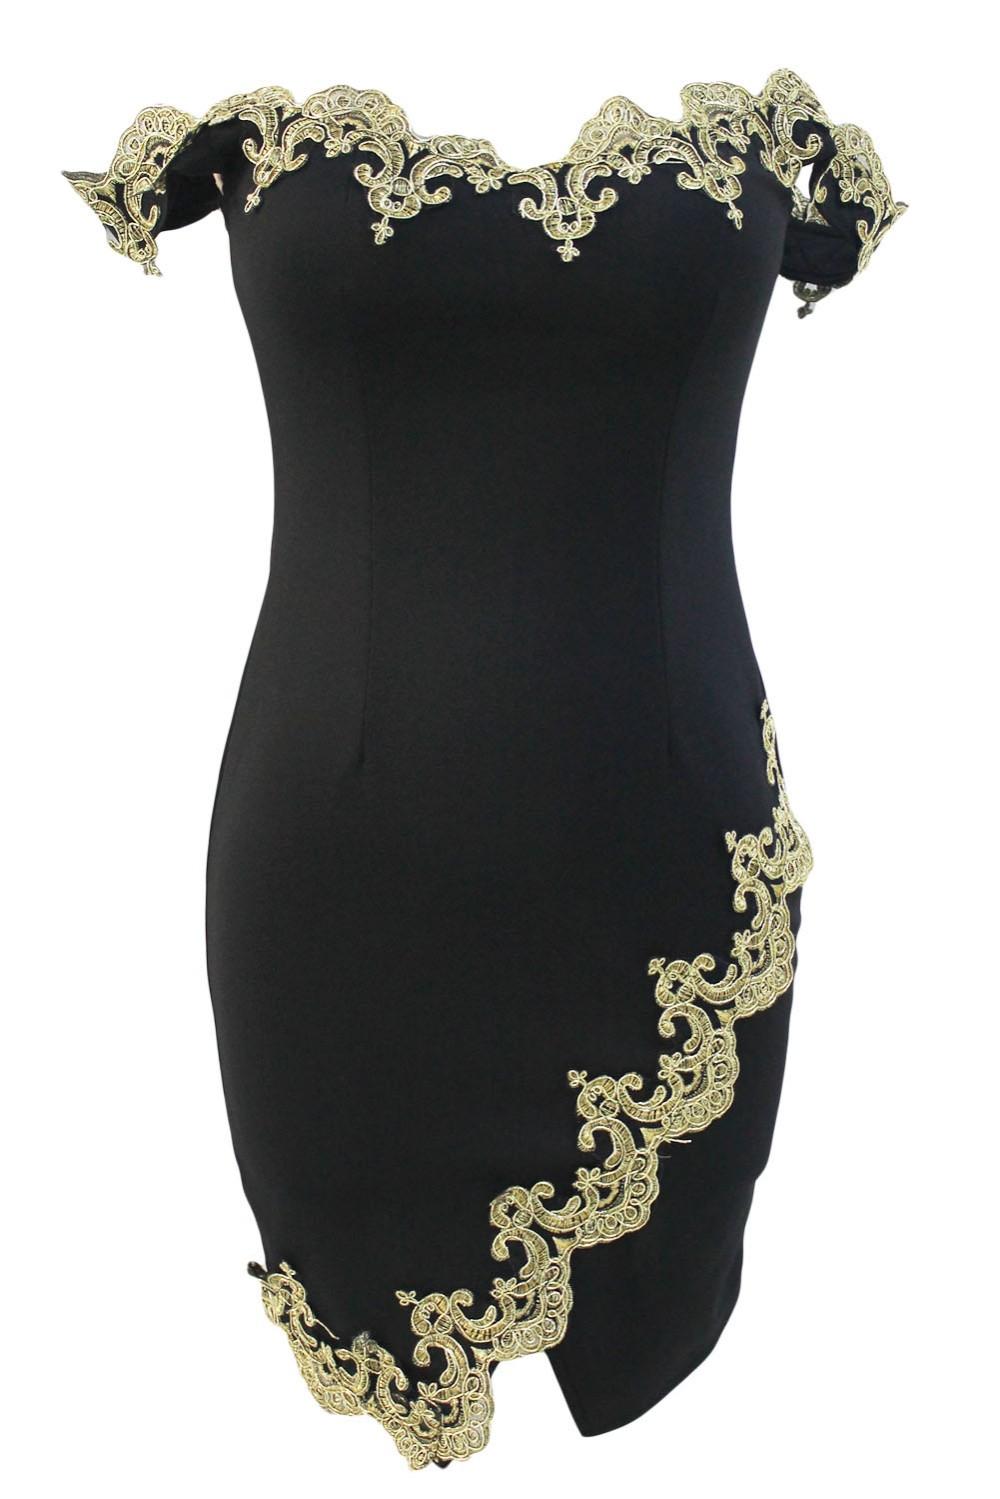 Gold-Lace-Applique-Black-Off-Shoulder-Mini-Dress-LC22715-2-2